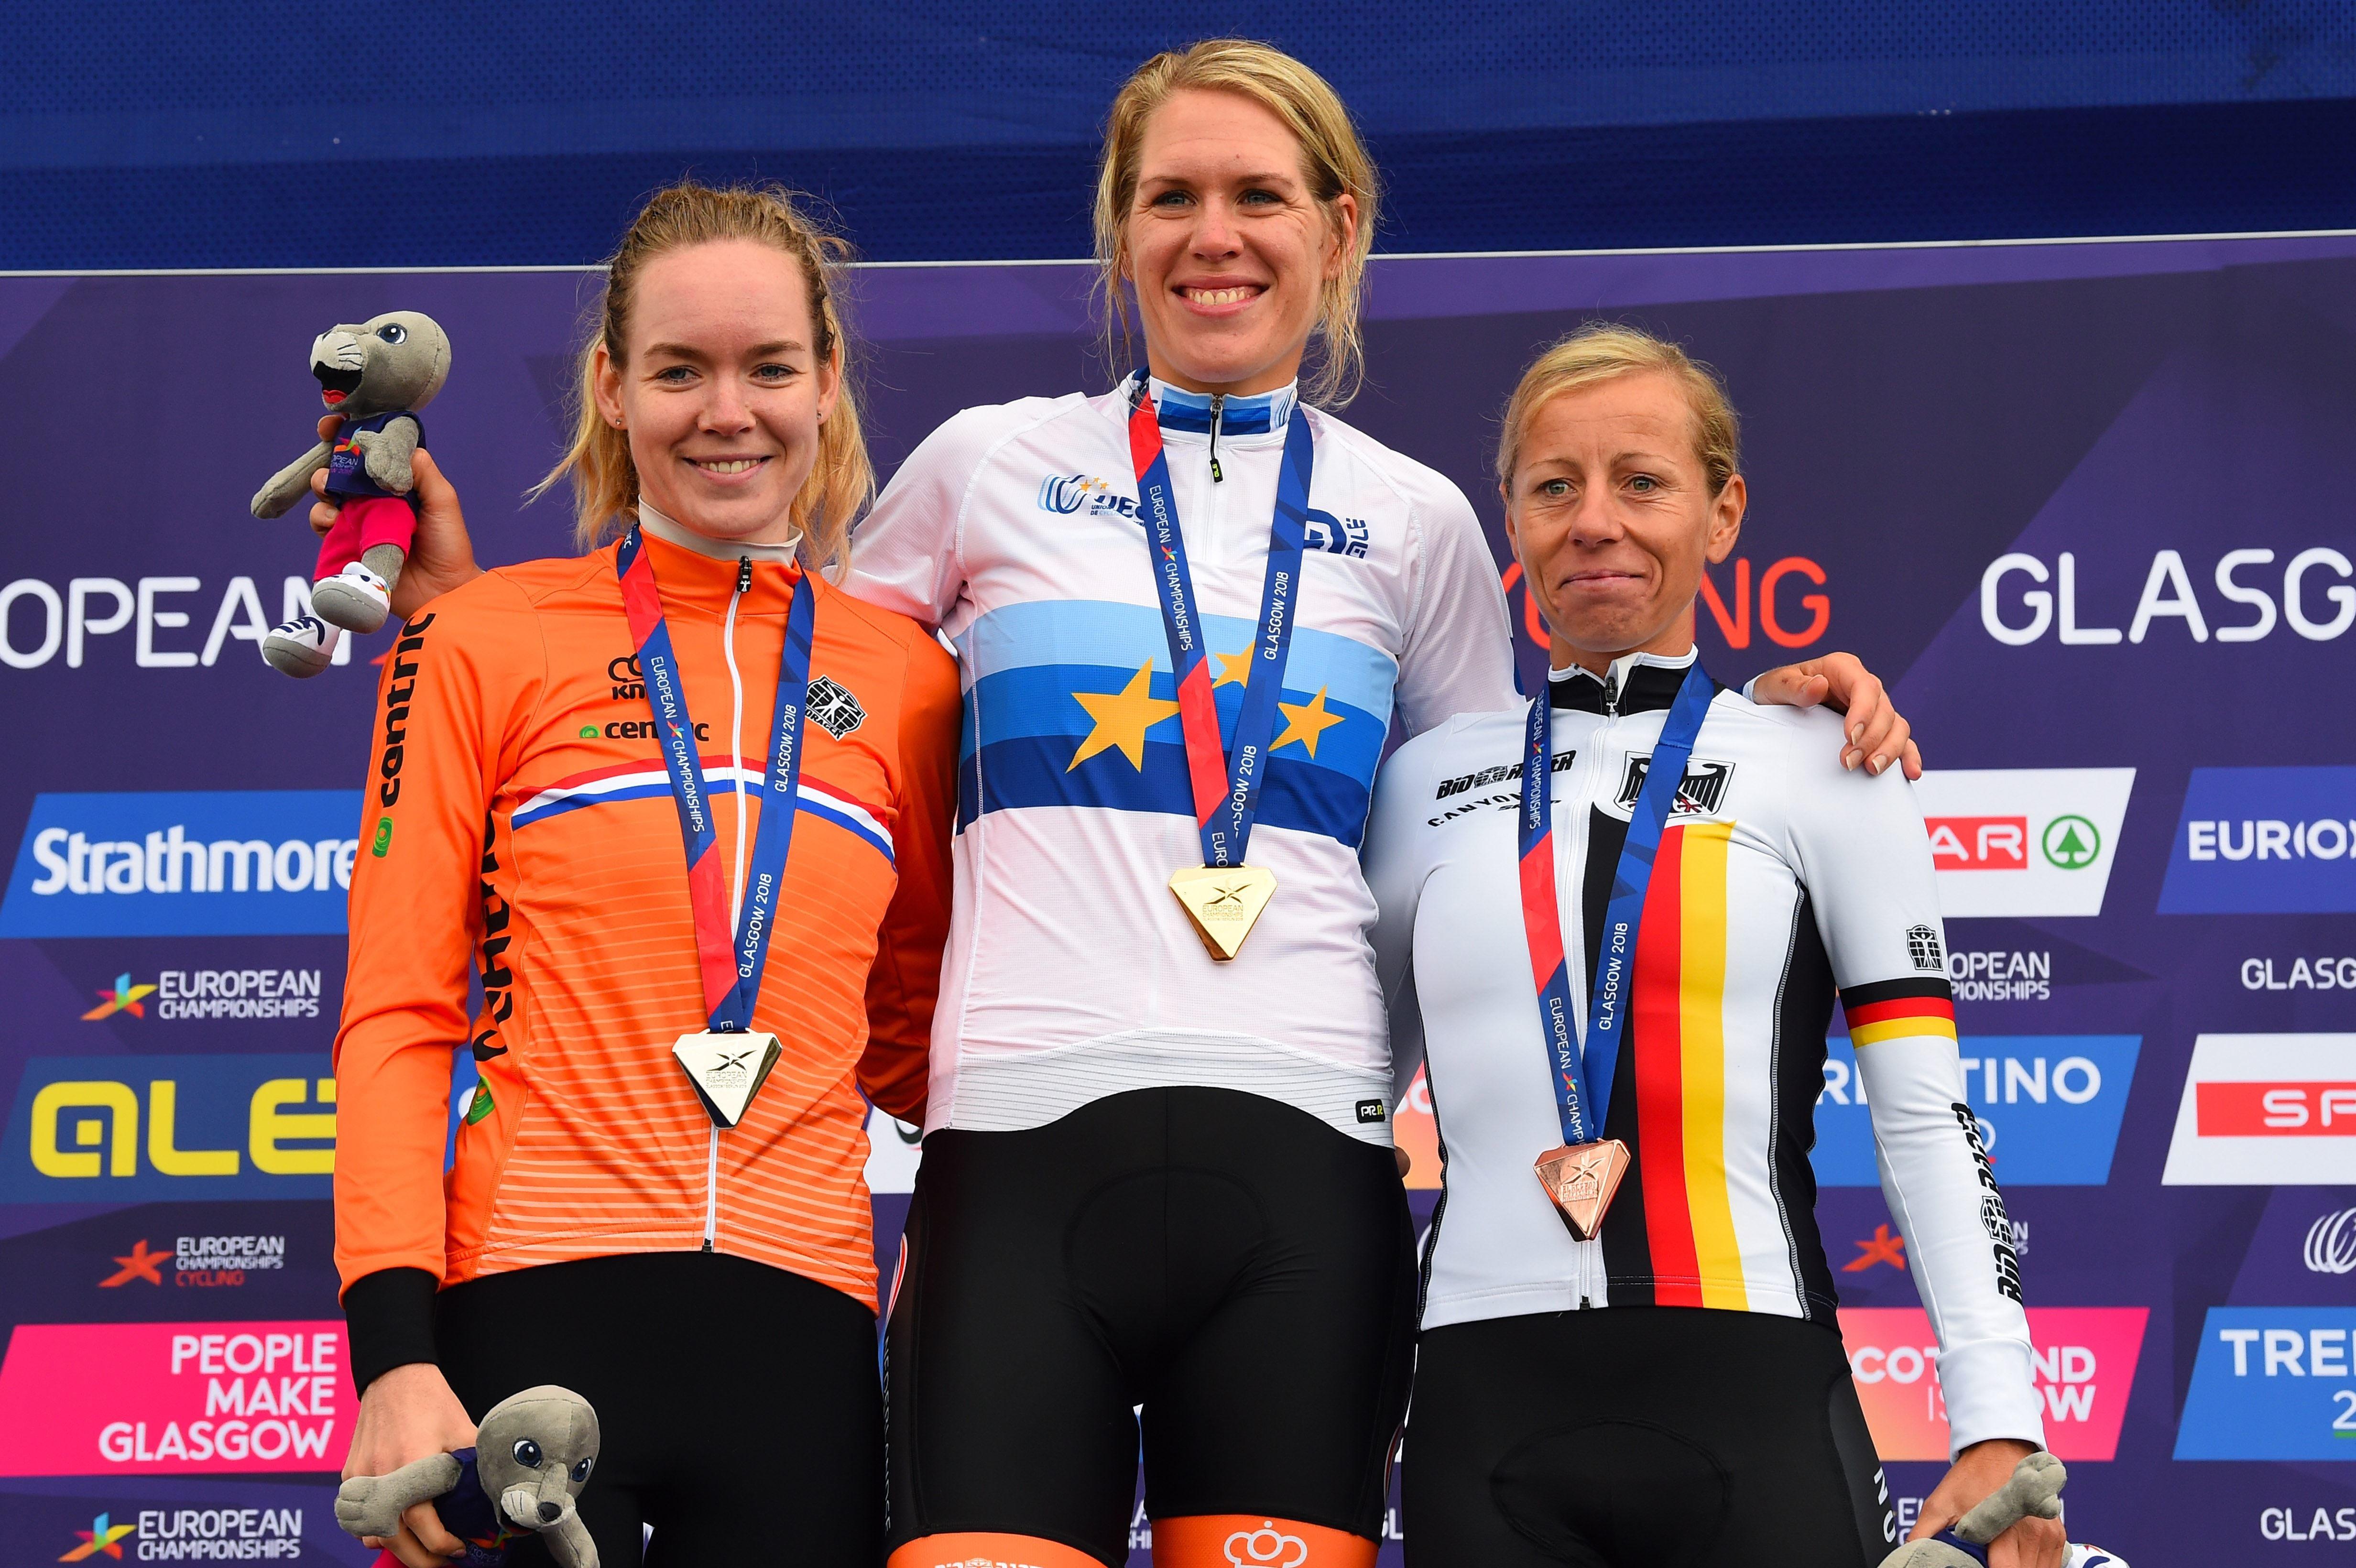 Ellen van Dijk world road and track cycling champion